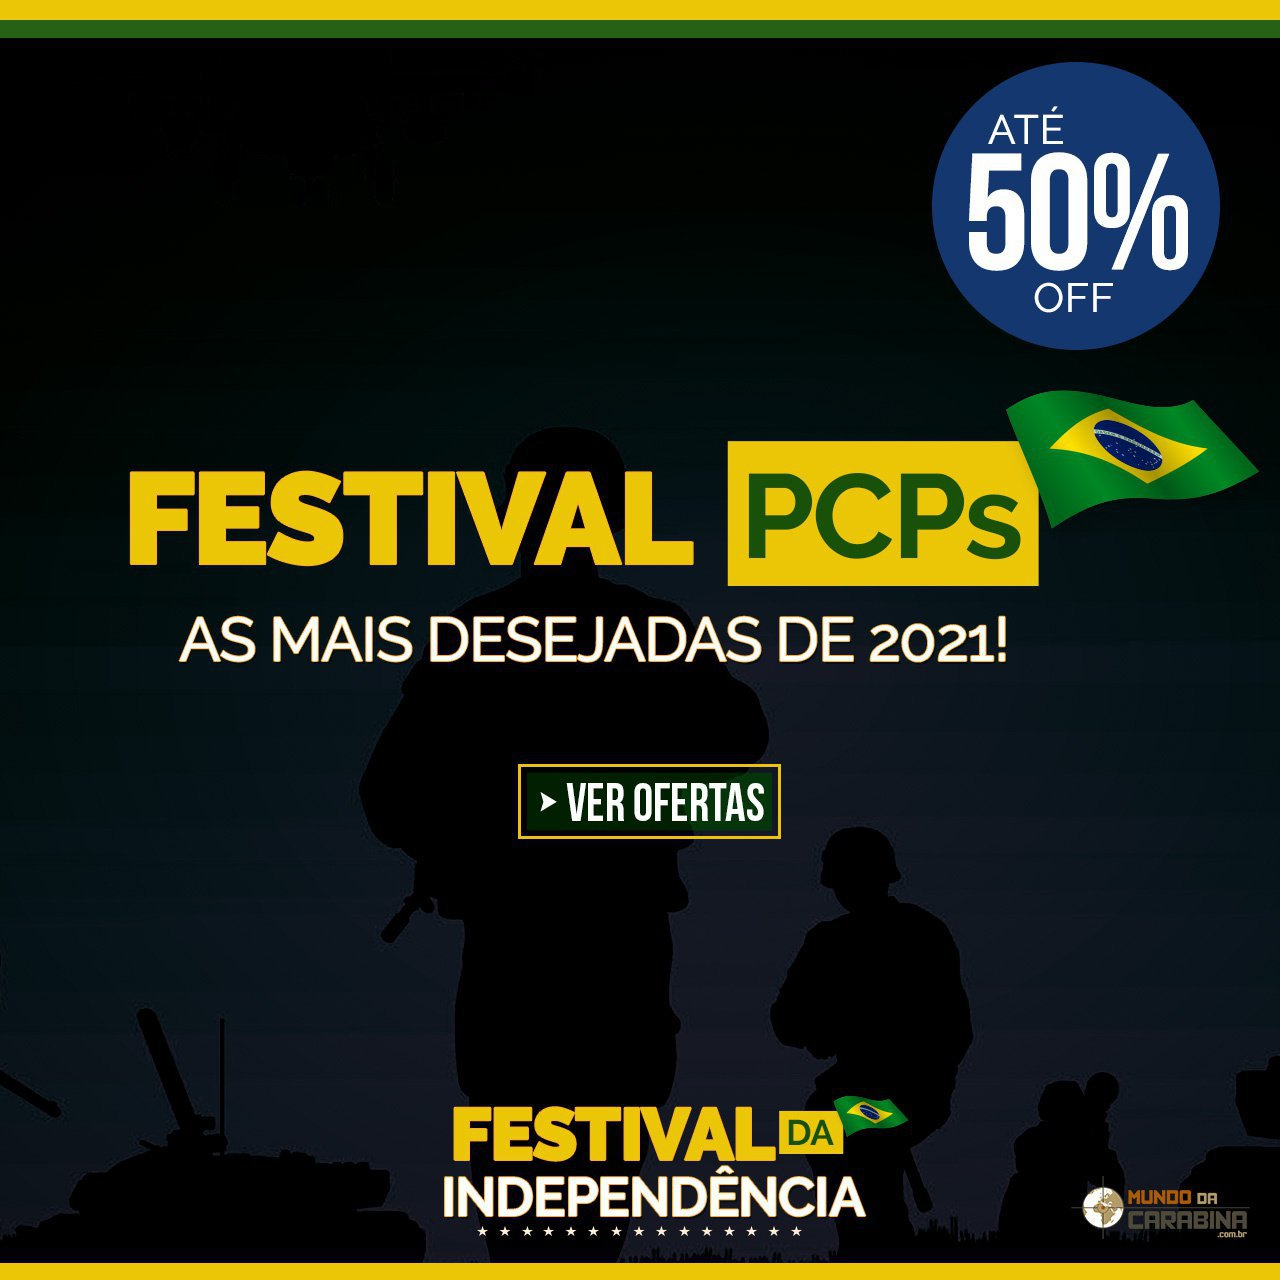 FESTIVAL PCPs - As Mais desejadas de 2021 com até 50% Off